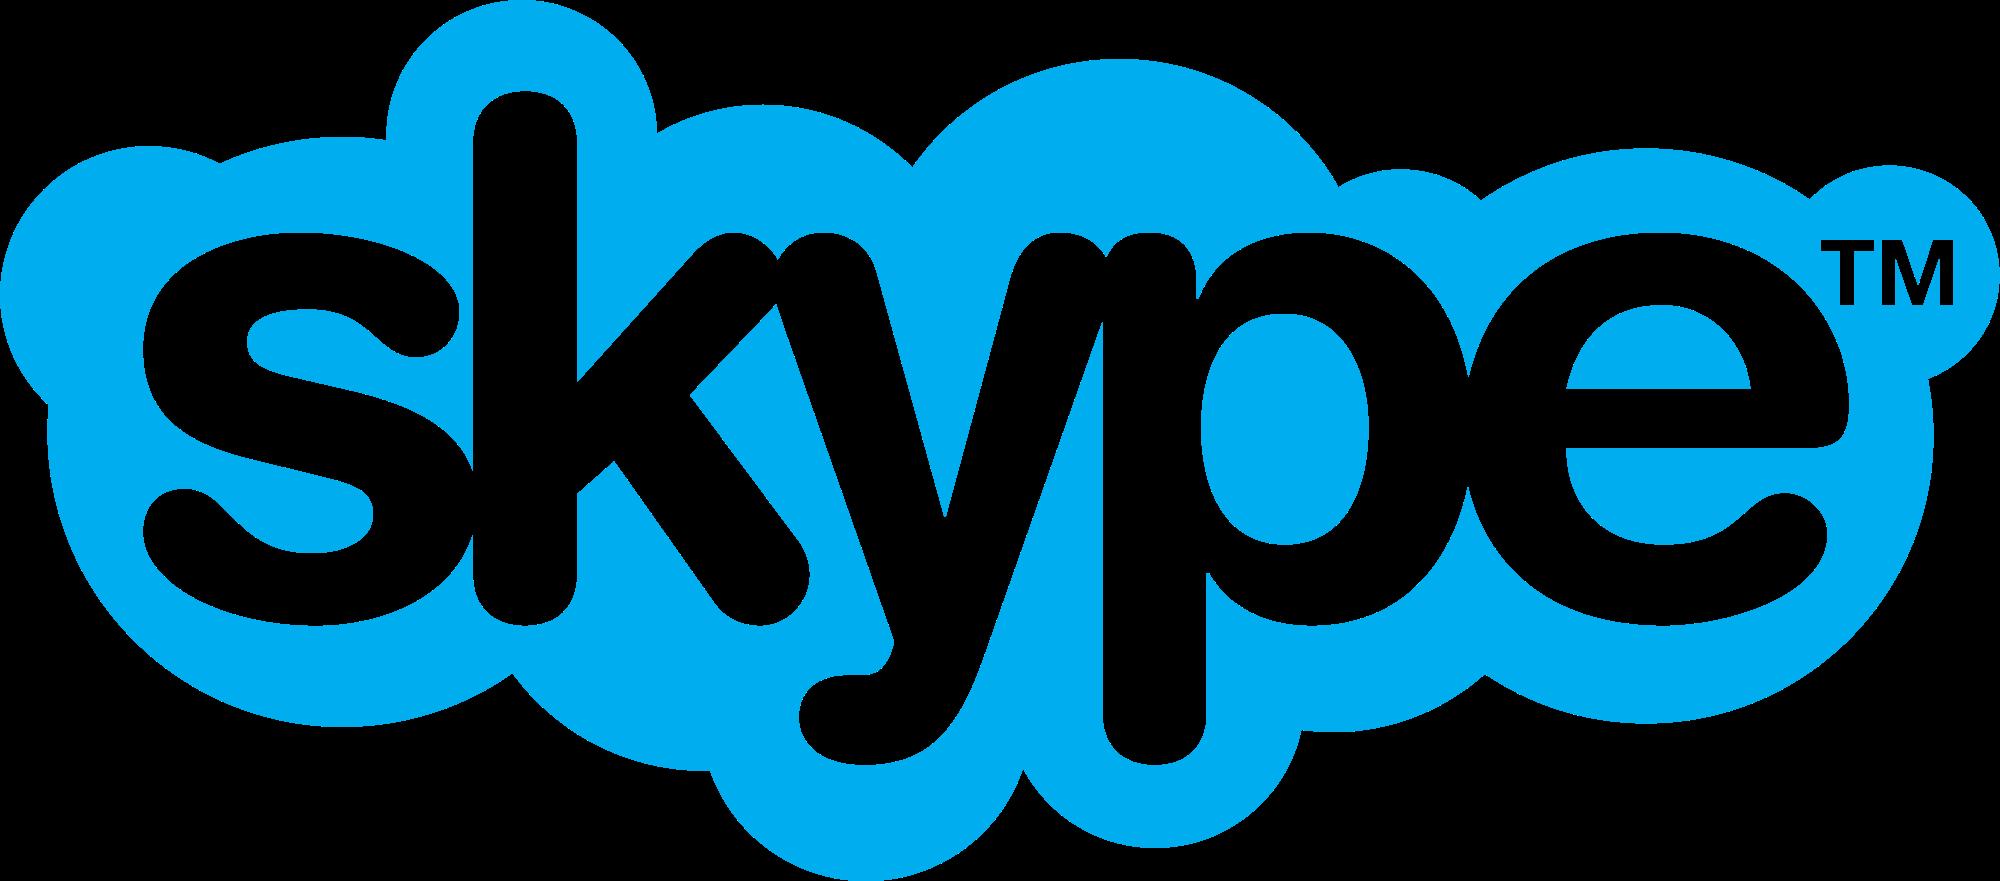 F&F Skype.png